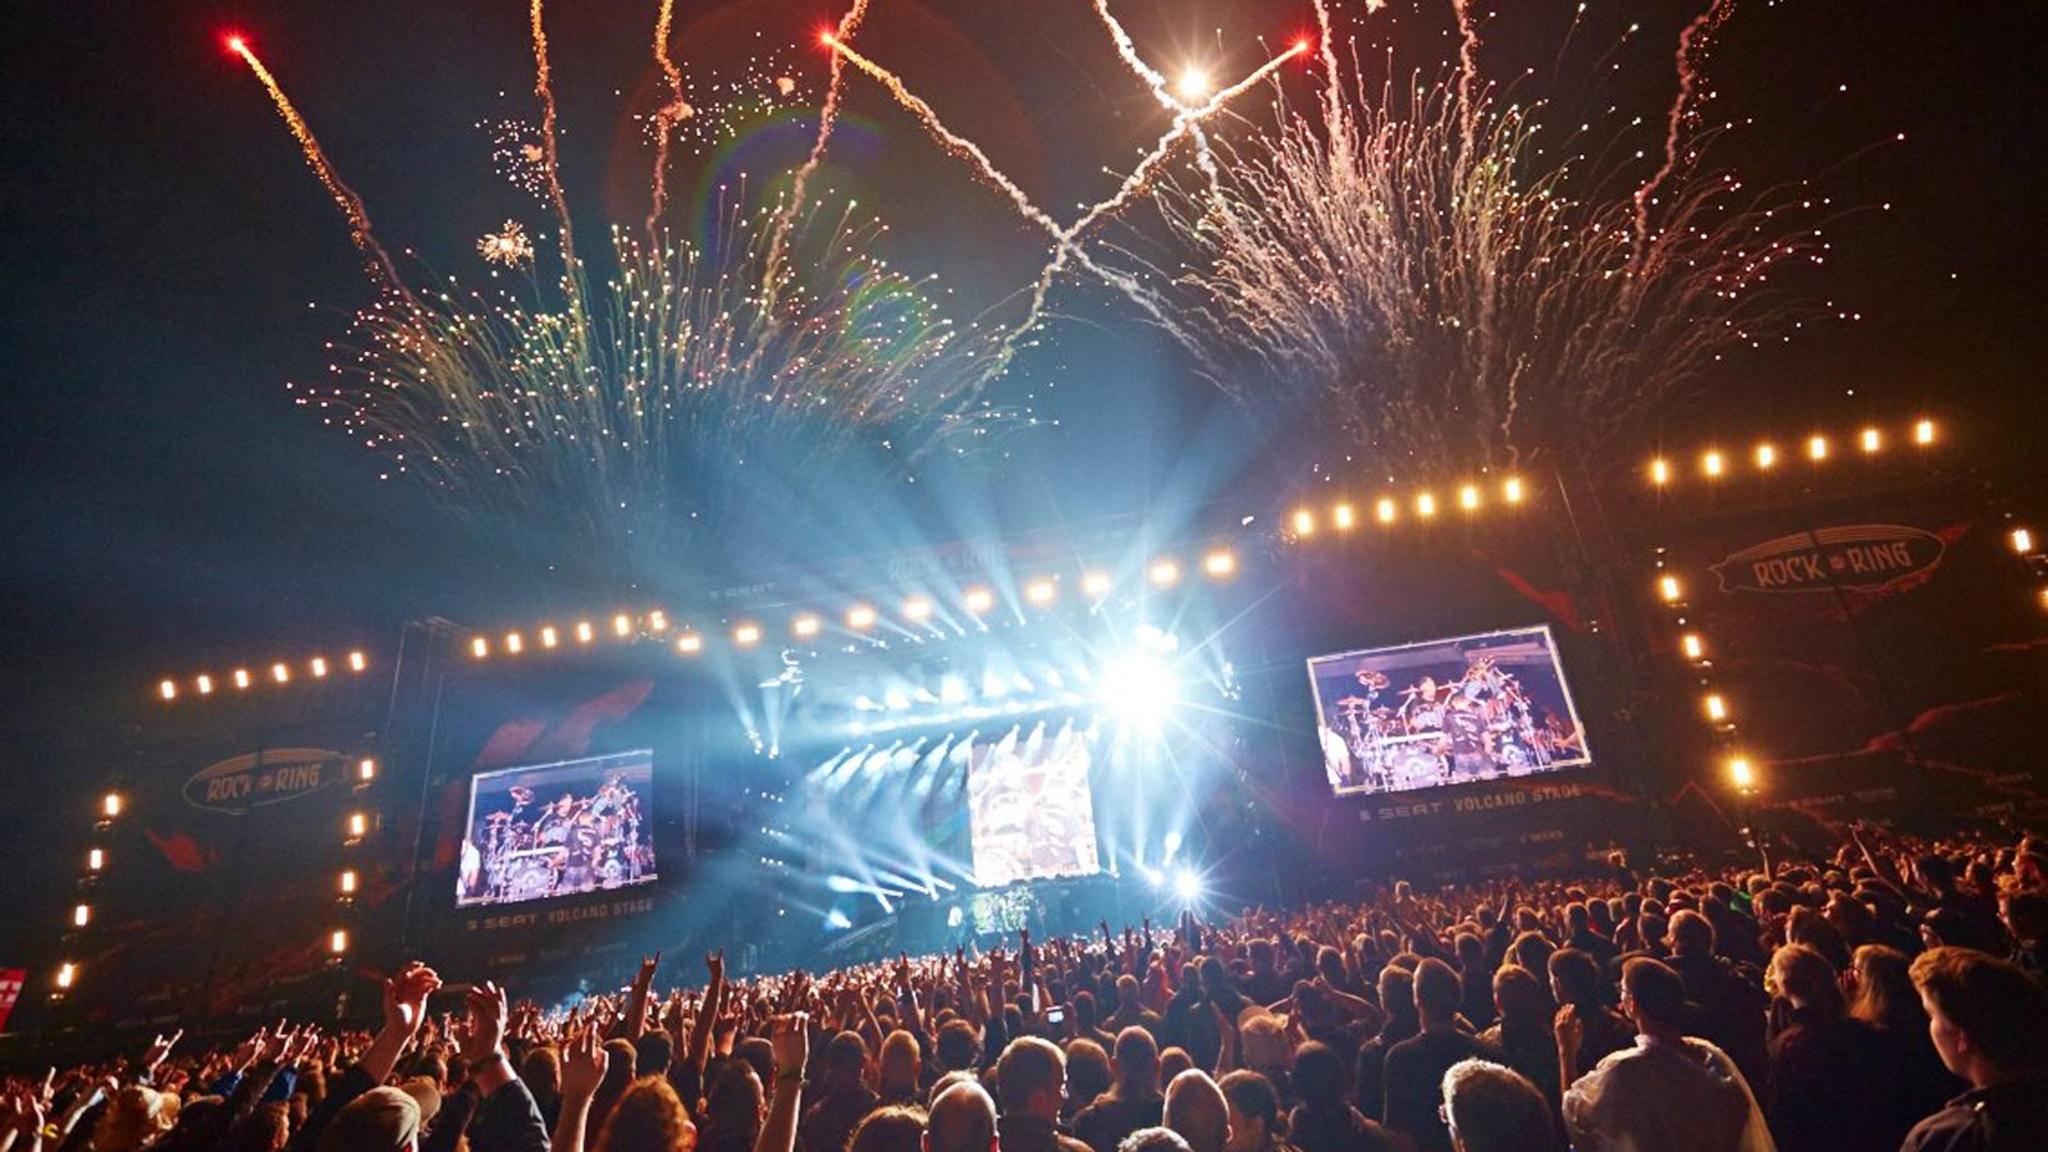 360-Grad-Livestreams von Festivals und Konzerte - Telekom stellt MagentaMusik